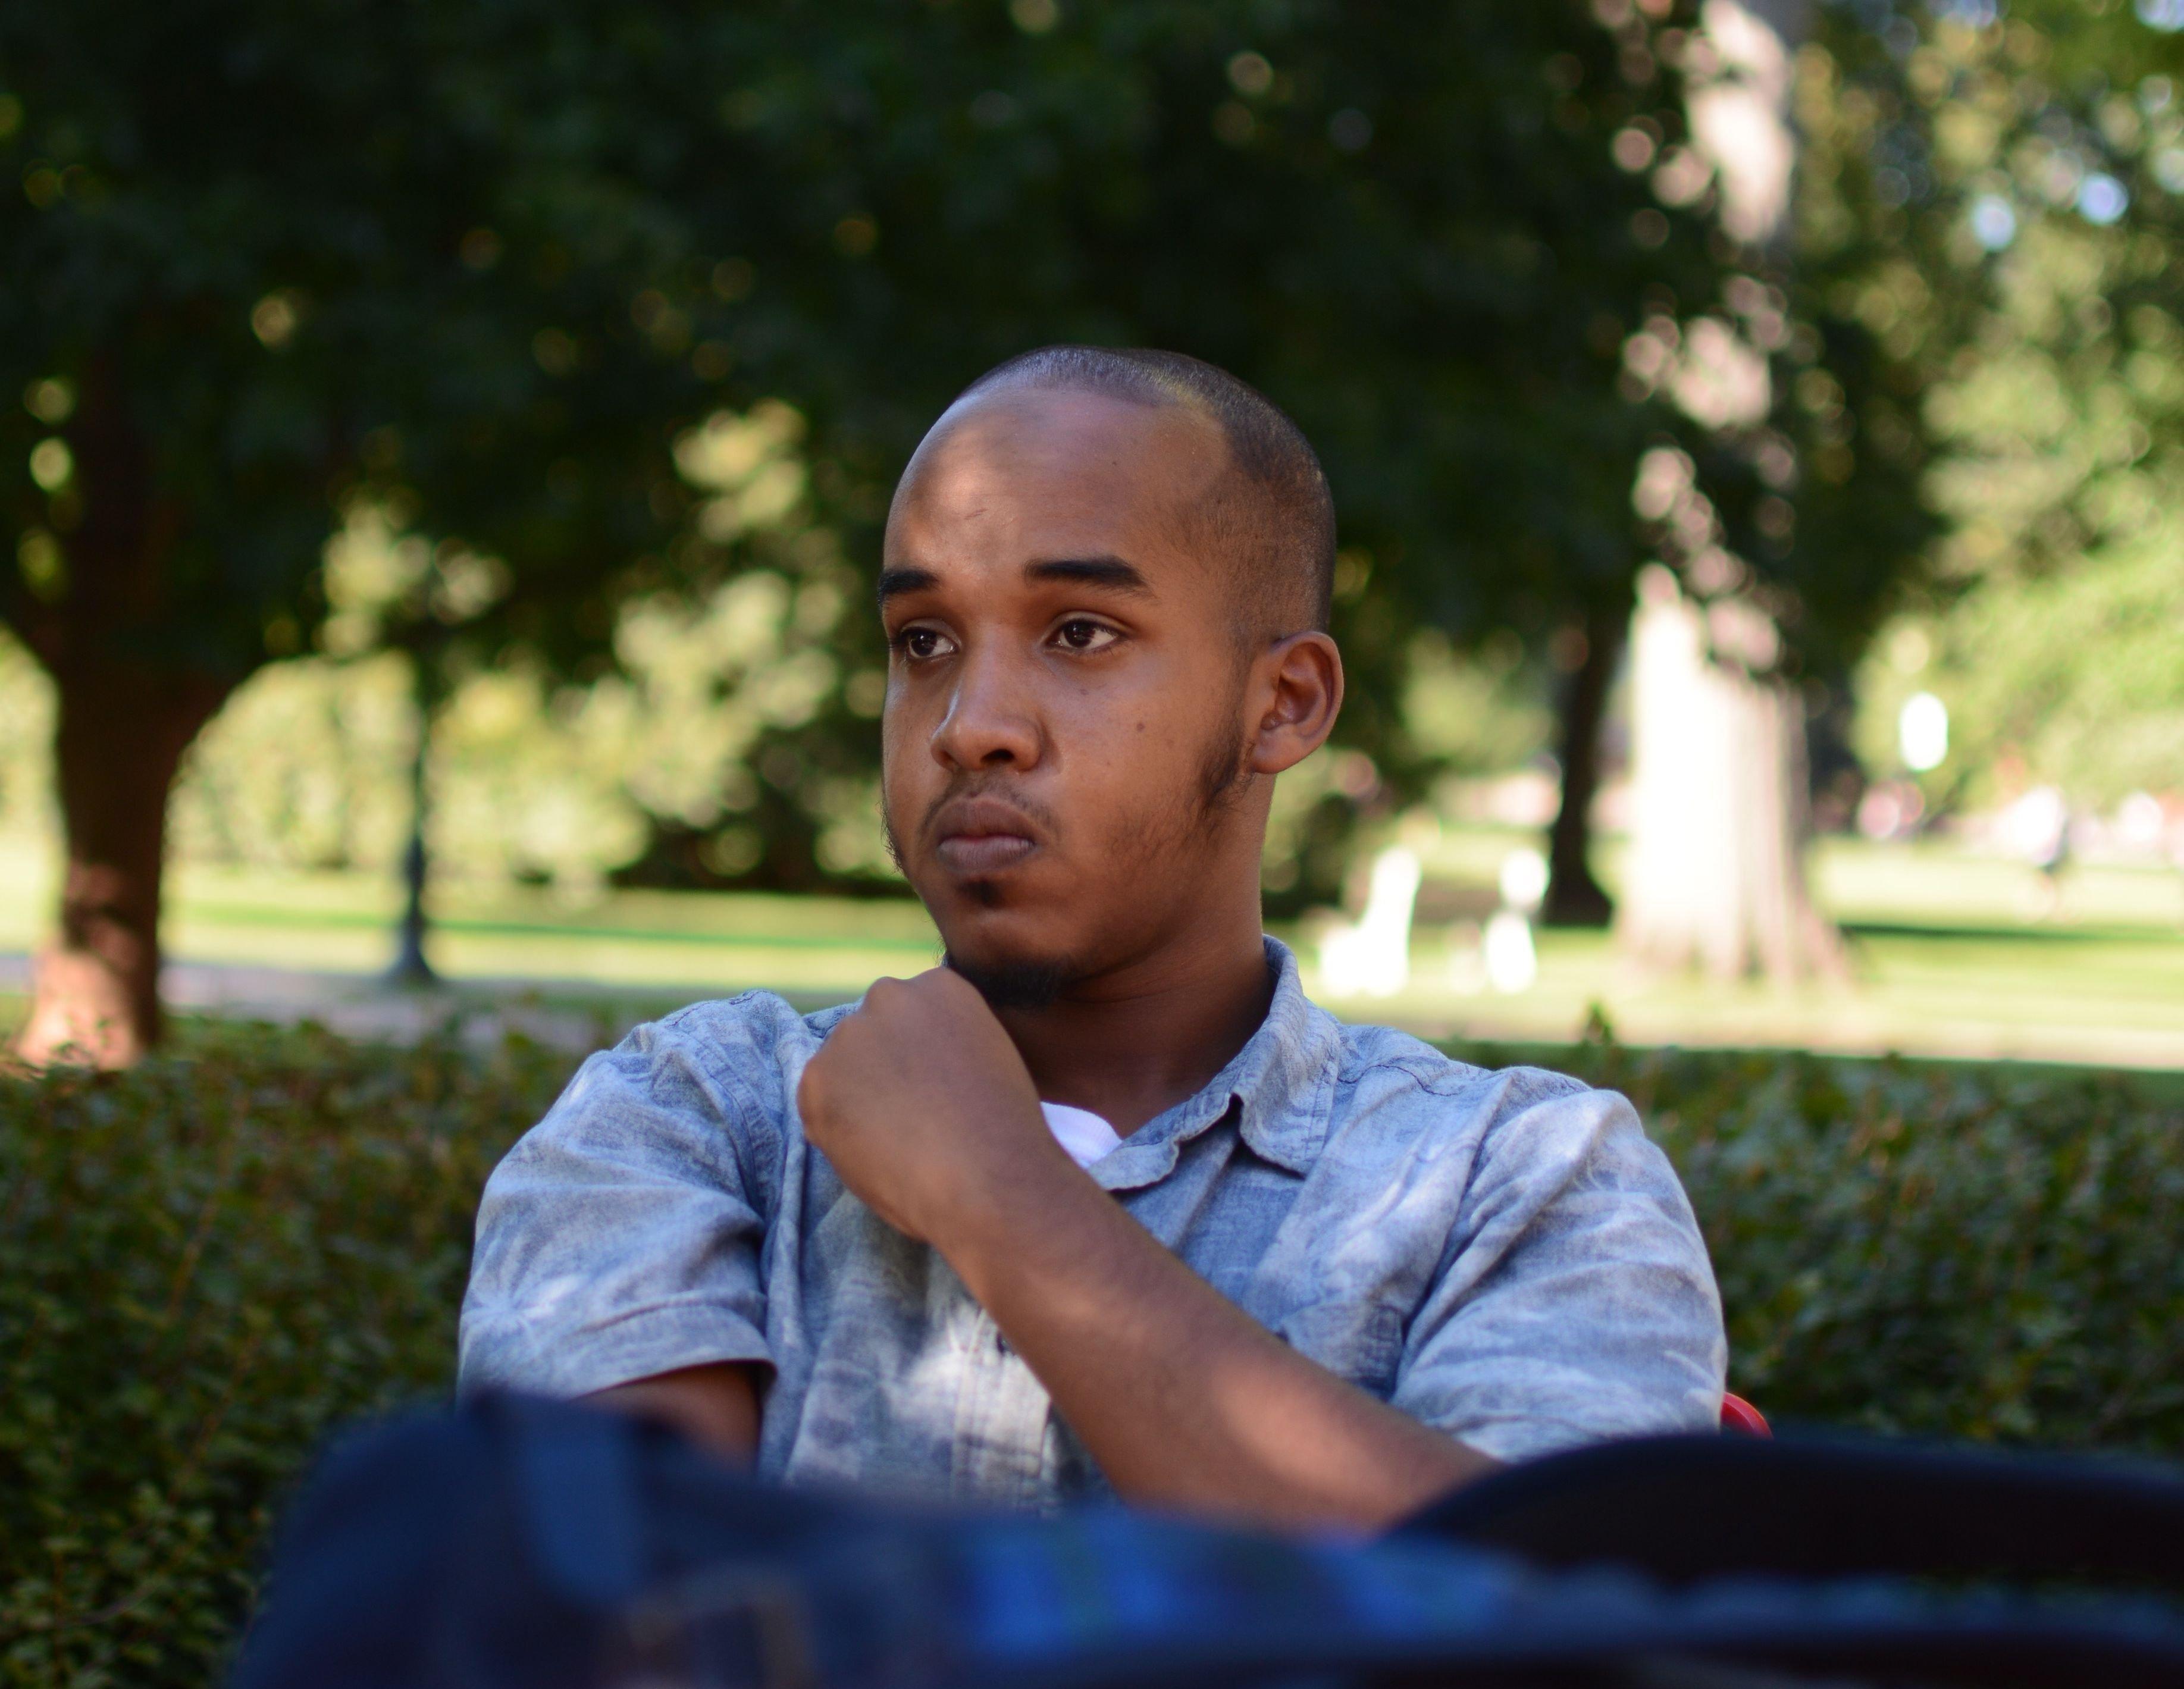 Abdul Razak Ali Artan